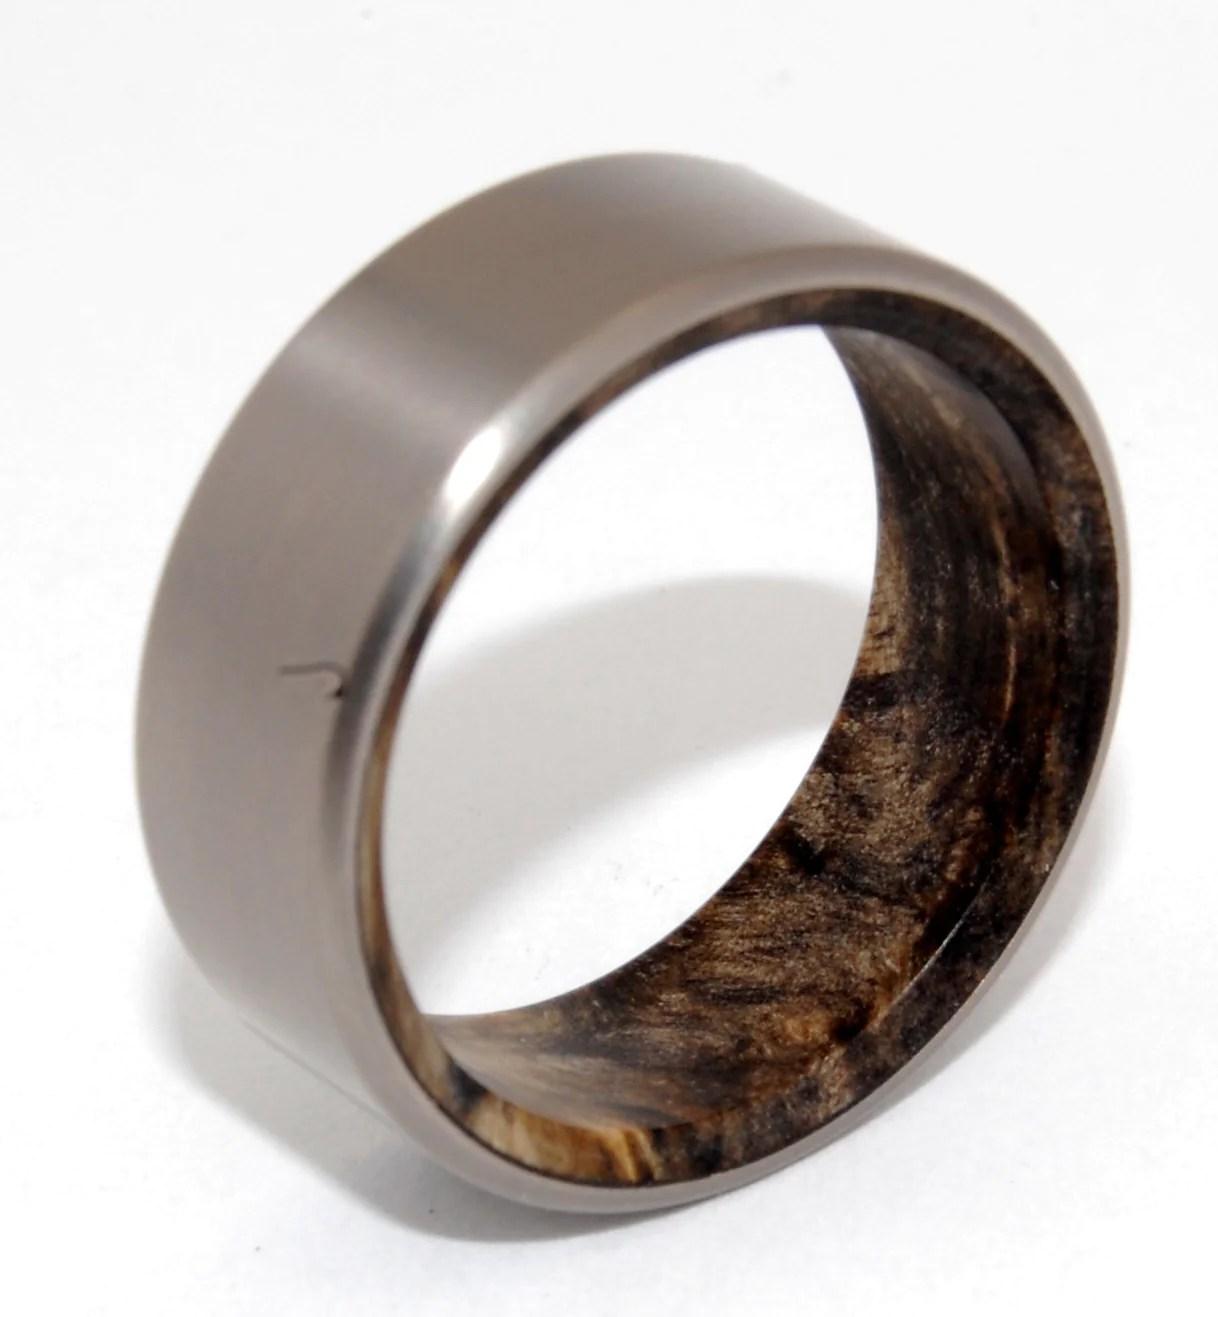 Minter  Richter  Titanium Rings  Unique Wedding Rings  Minter and Richter Designs